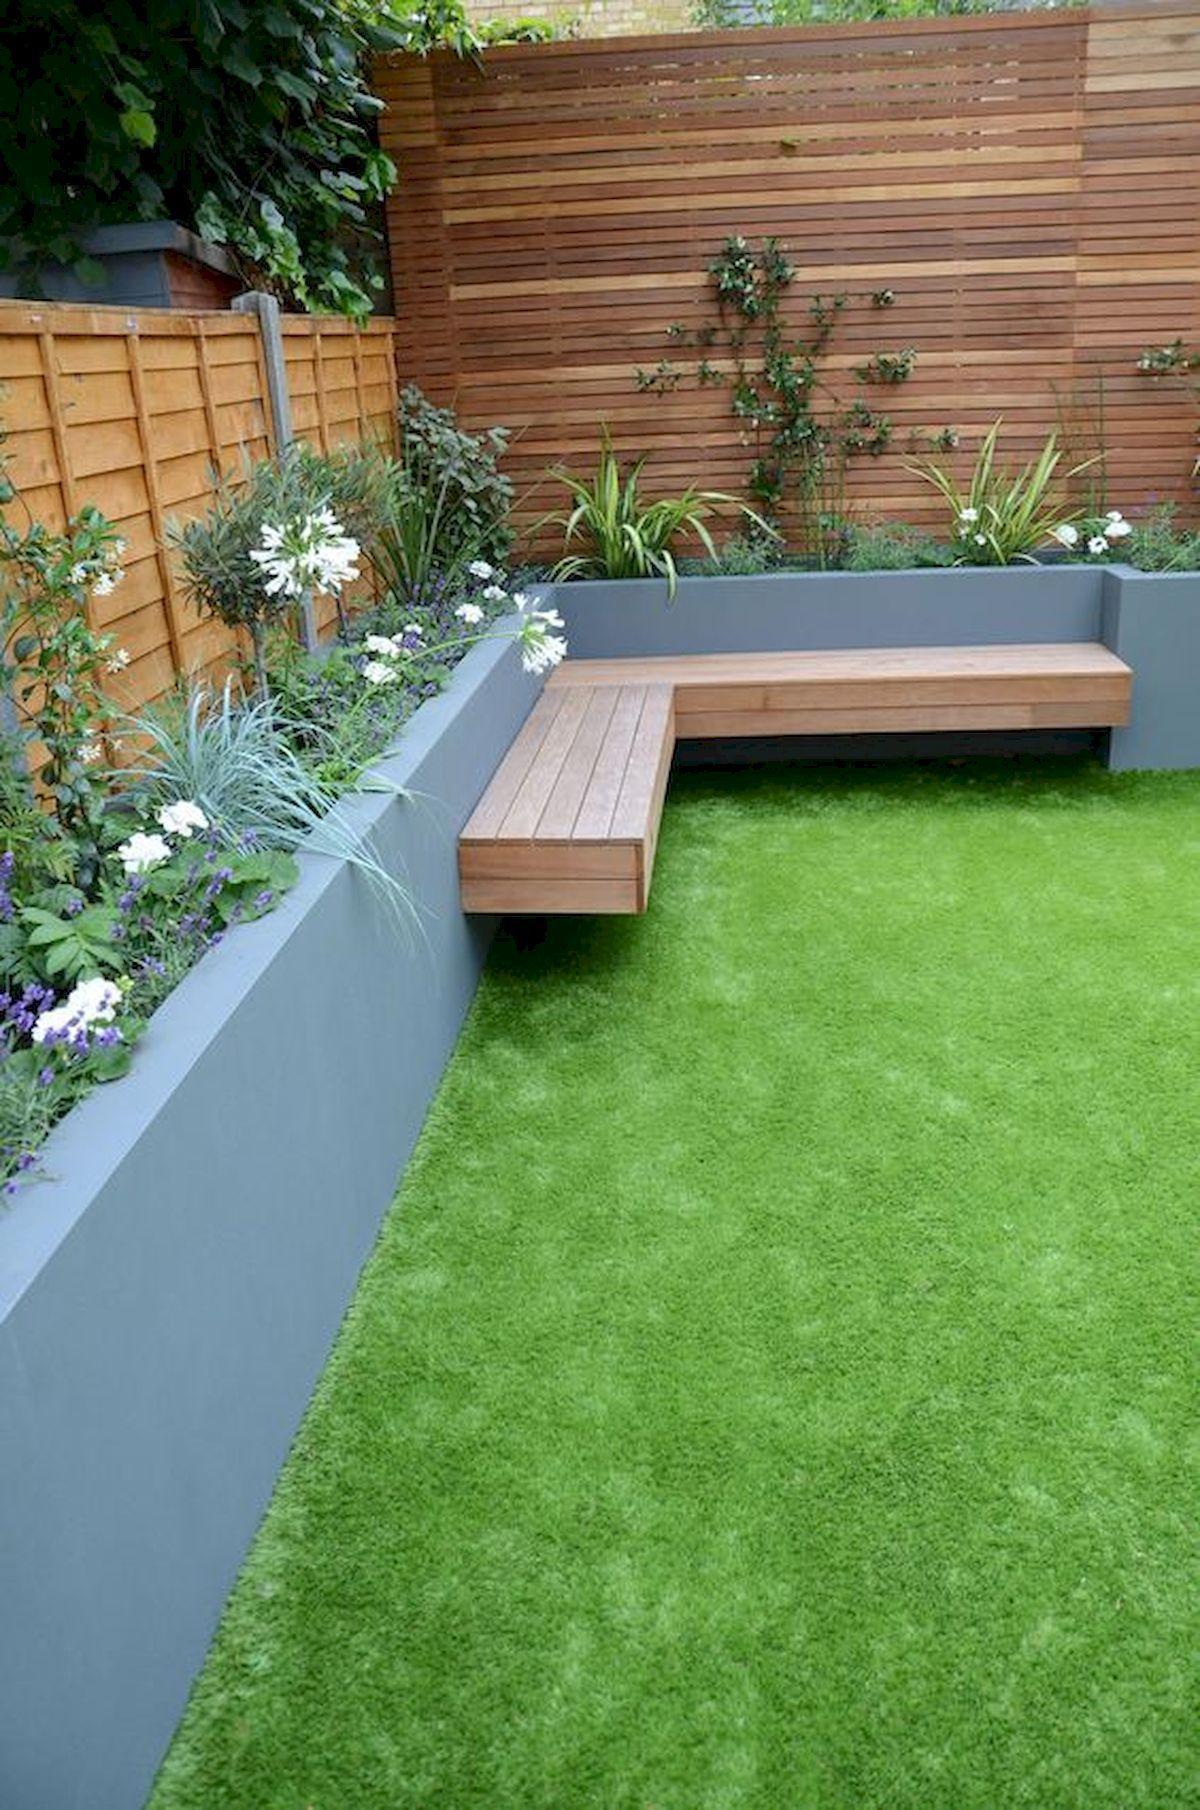 35 Small Garden Design Ideas On A Budget Worldecor Co Courtyard Gardens Design Small Courtyard Gardens Small Garden Landscape Small backyard garden design ideas